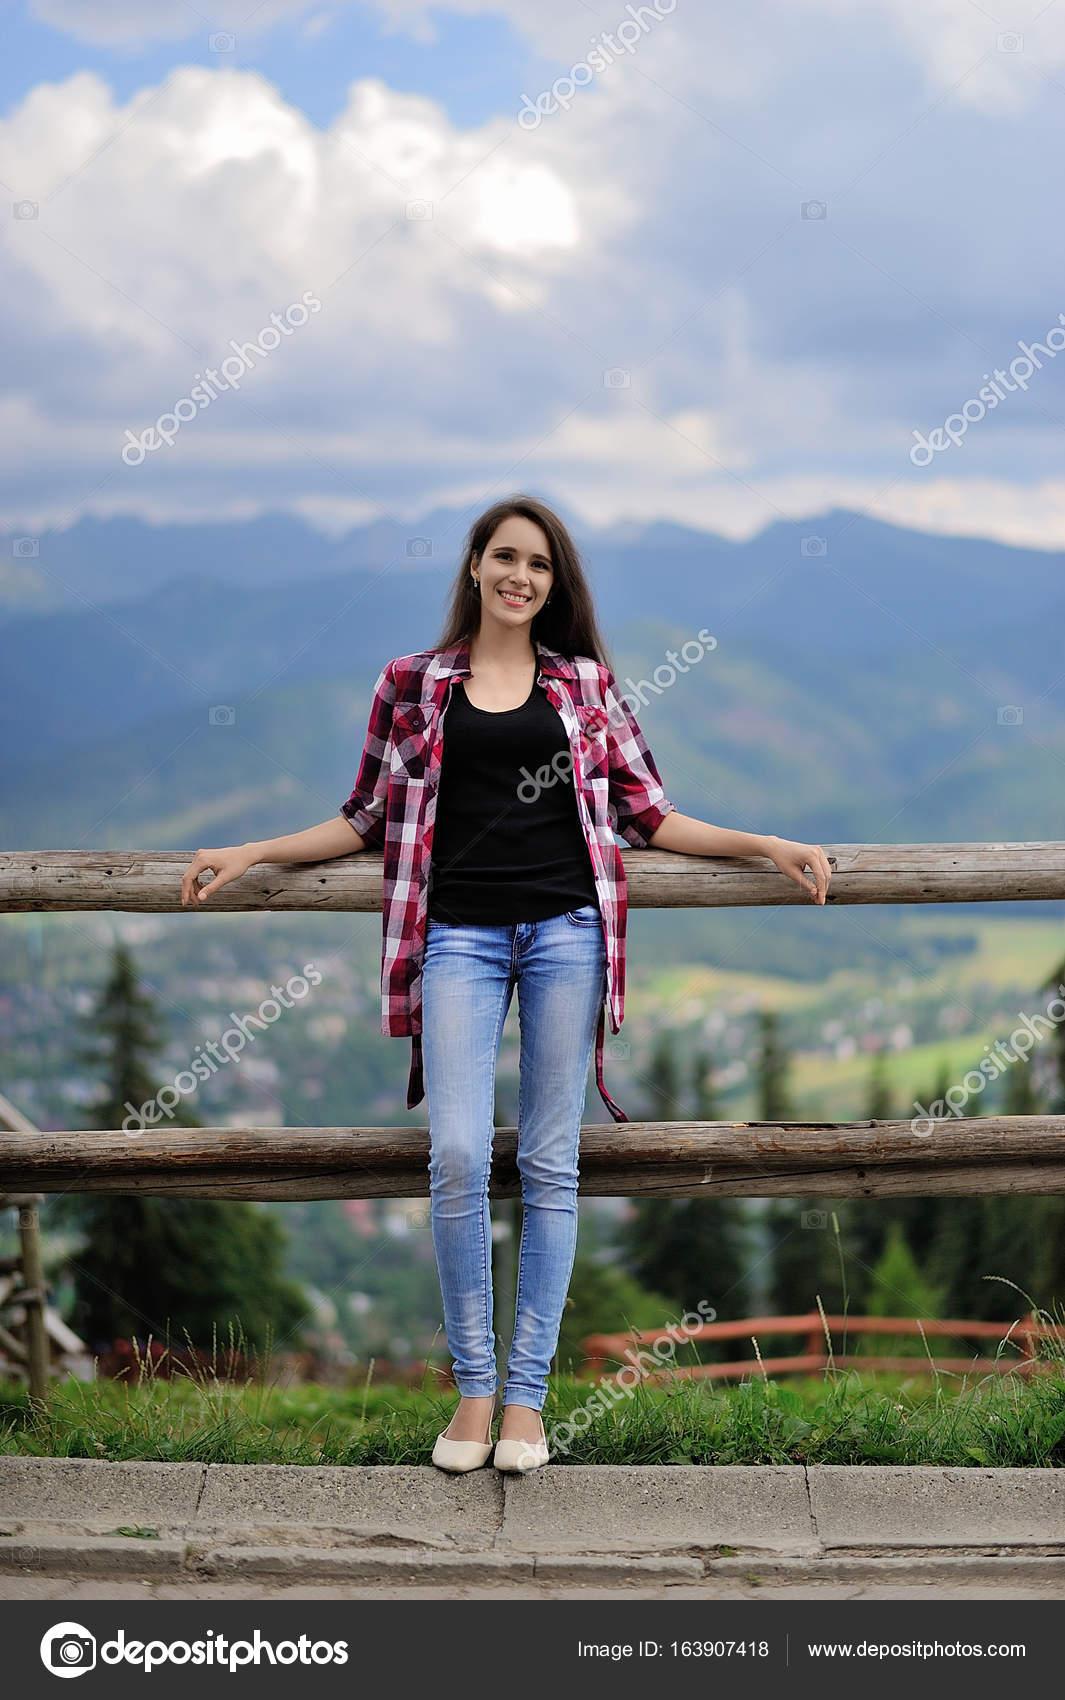 heureuse jeune fille assise sur une cl ture sur un fond de montagnes zako photographie. Black Bedroom Furniture Sets. Home Design Ideas